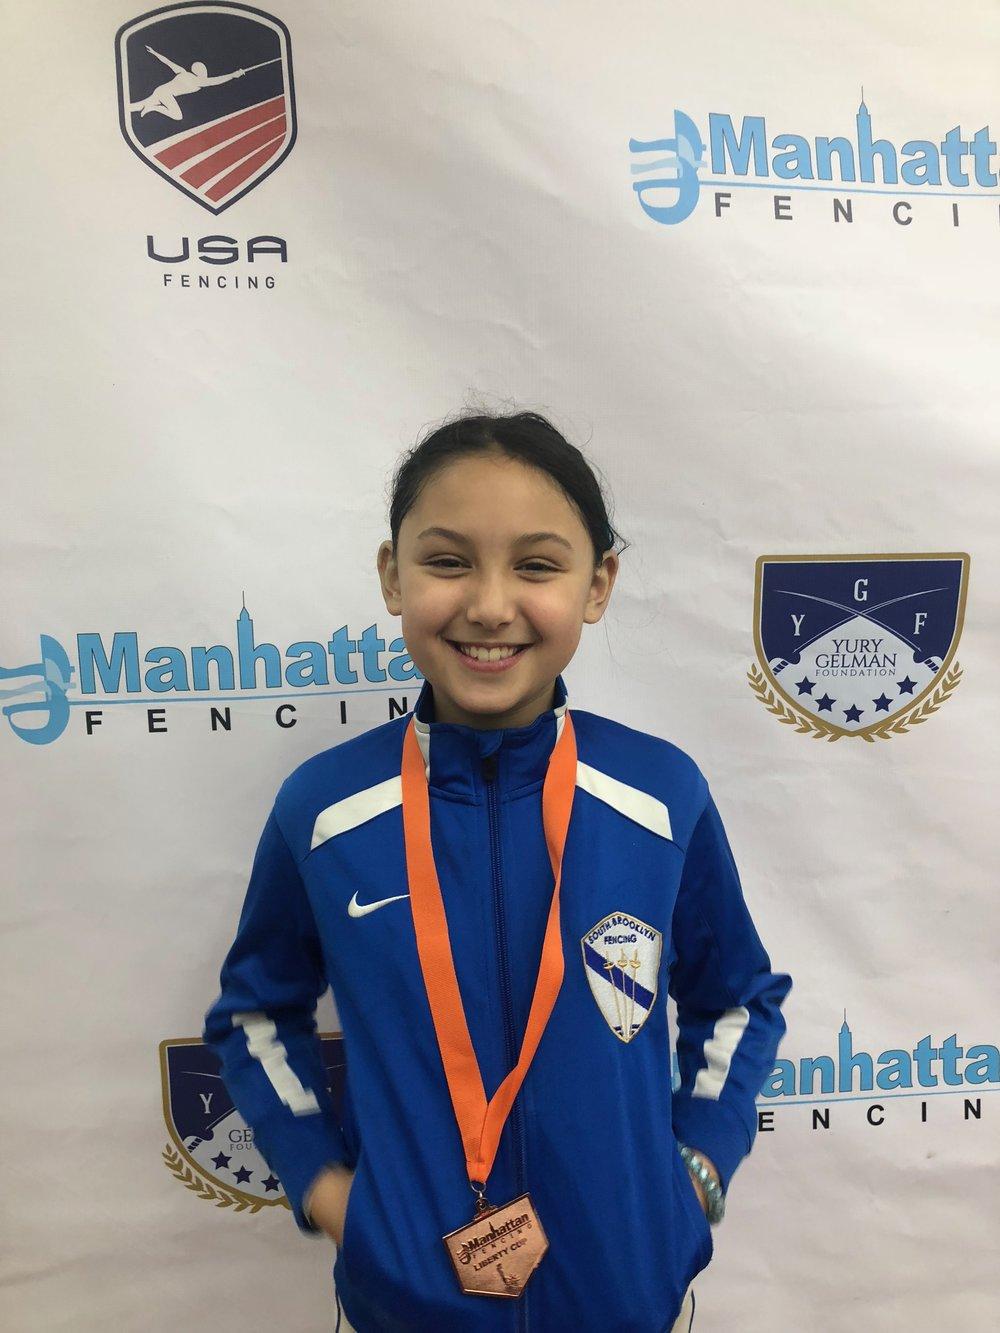 Manhattan Fencing Center Youth    Alex Lambrechts medallist Y10 women's  December 2nd 2018